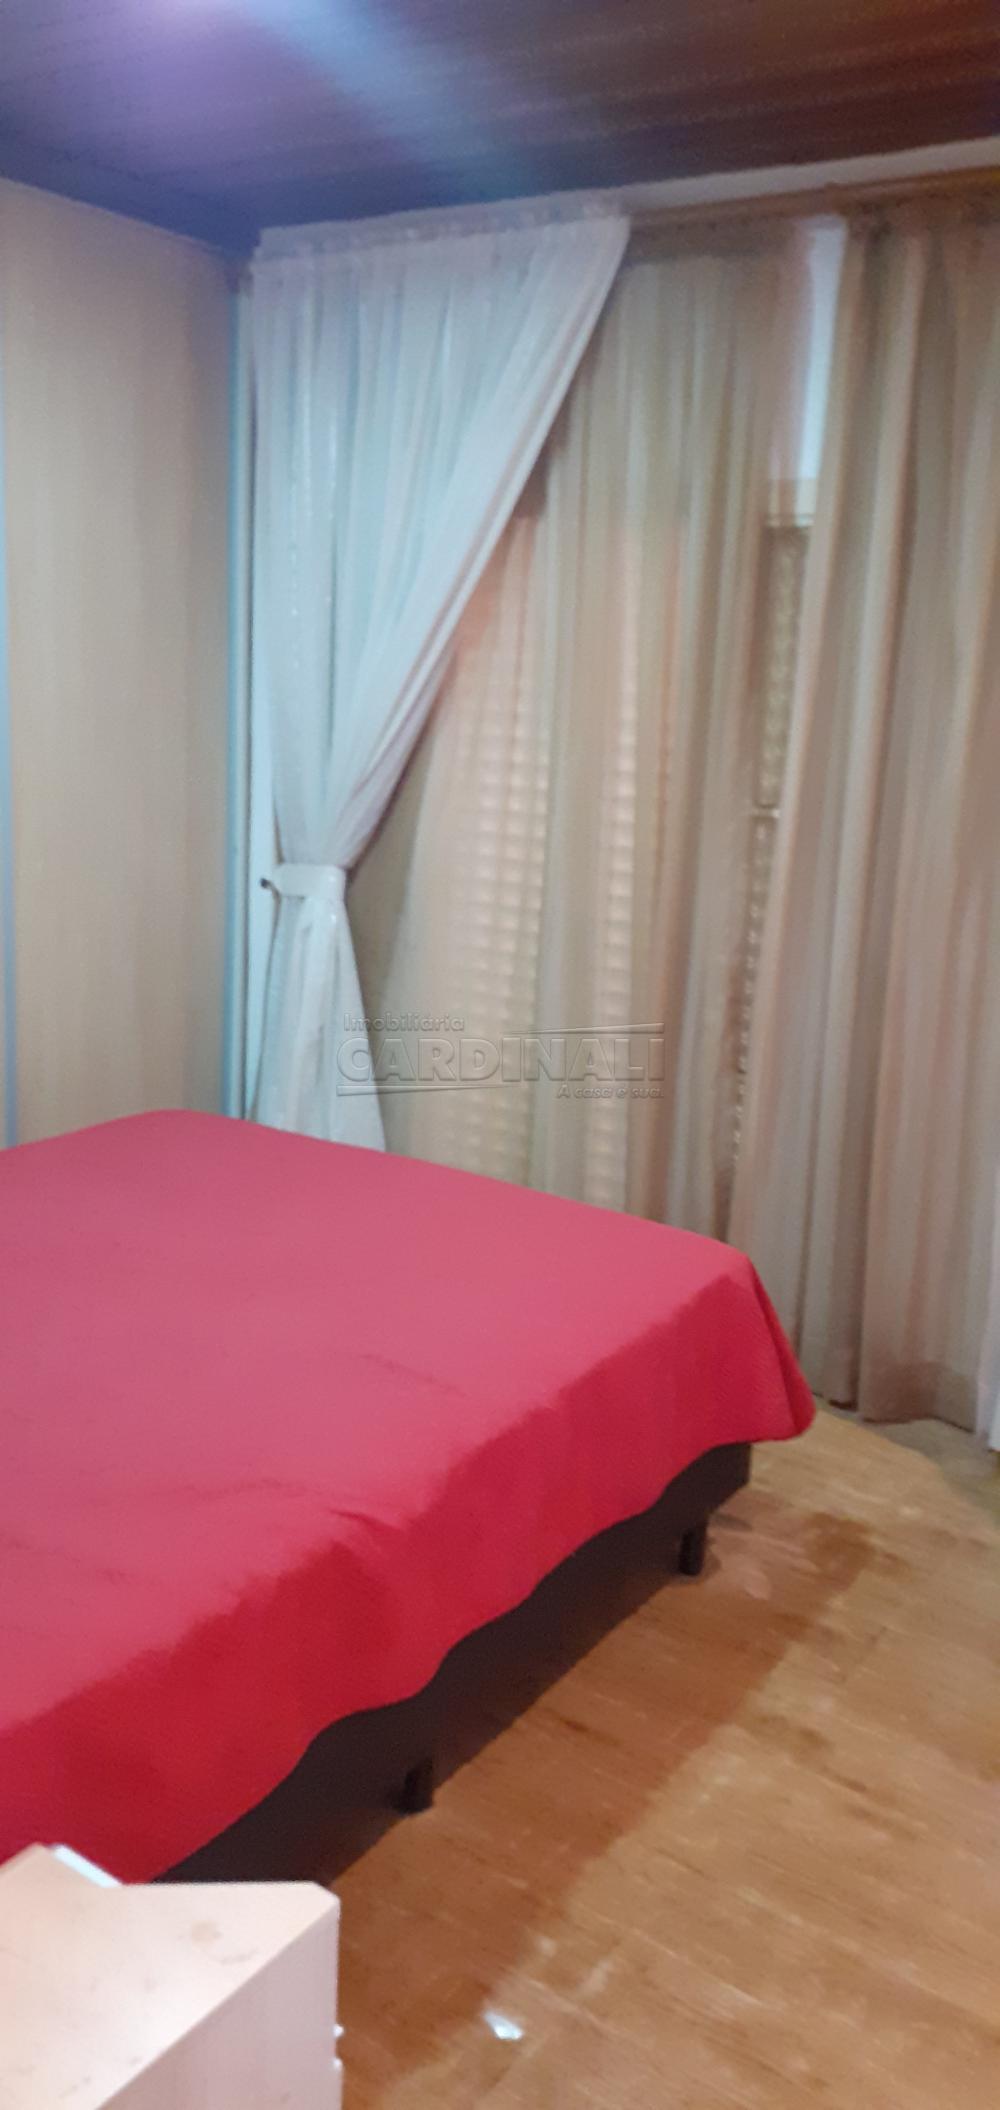 Alugar Casa / Padrão em São Carlos R$ 1.900,00 - Foto 13